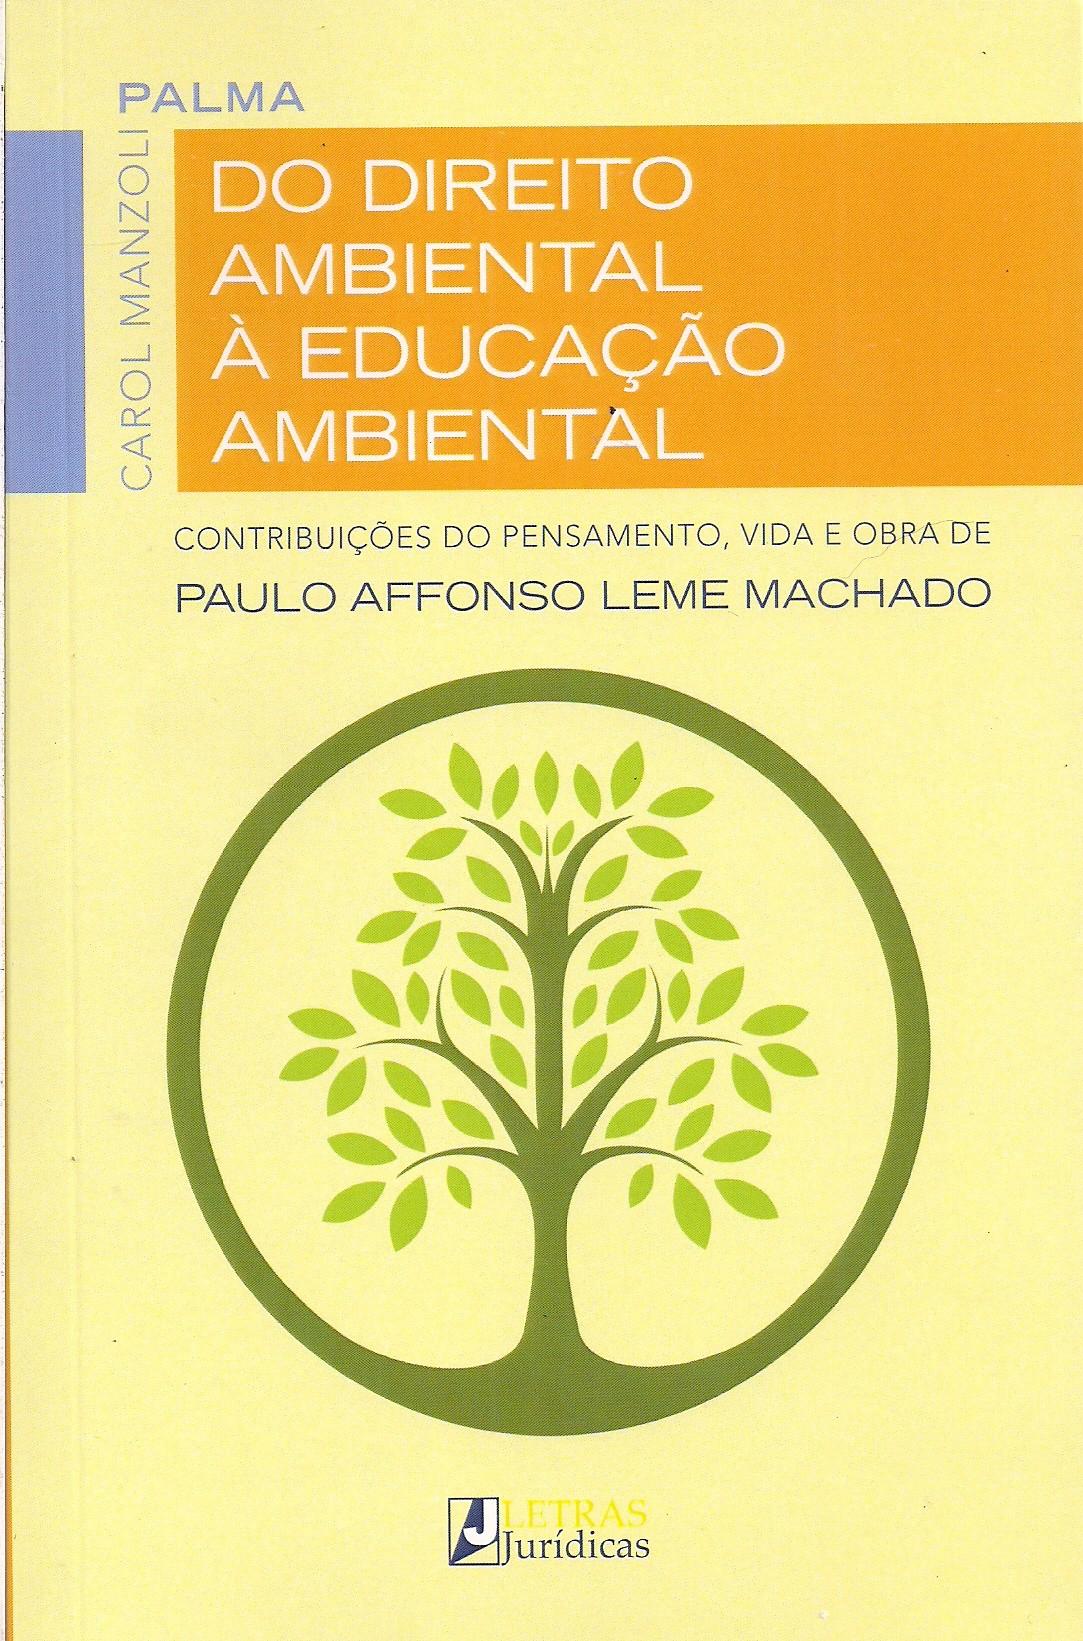 Foto 1 - Do Direito Ambiental à Educação Ambiental